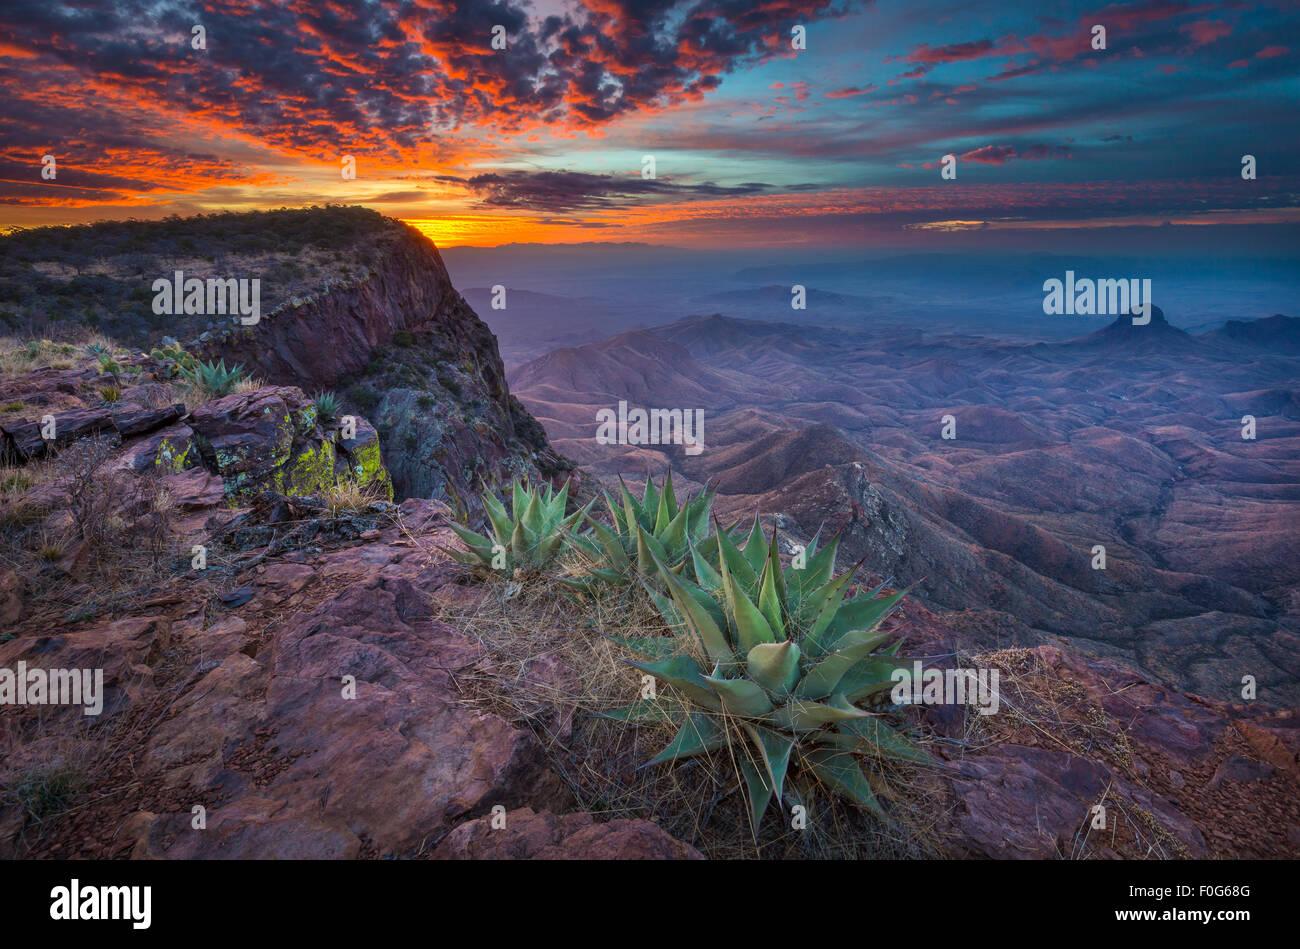 El Parque Nacional de Big Bend en Texas es la mayor área protegida del desierto de Chihuahua en los Estados Unidos. Foto de stock